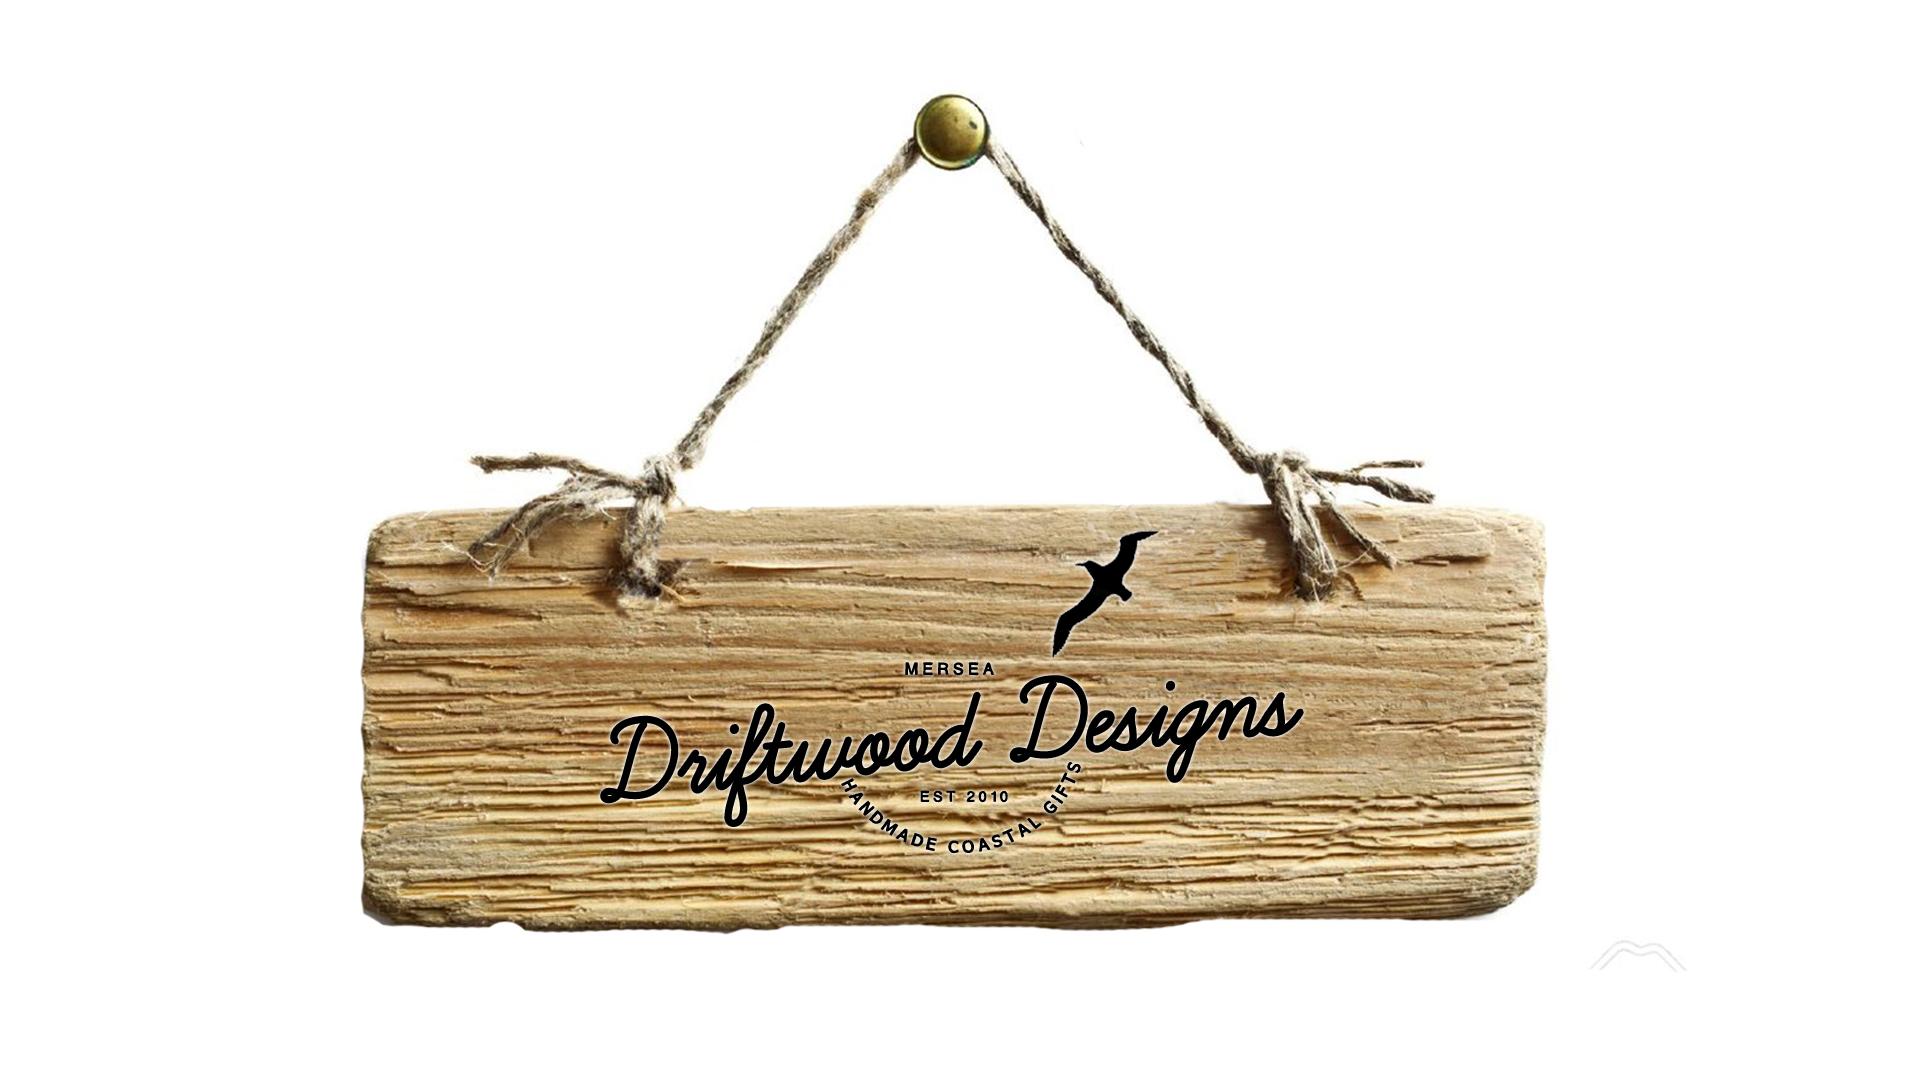 driftwood designs homepage.jpg